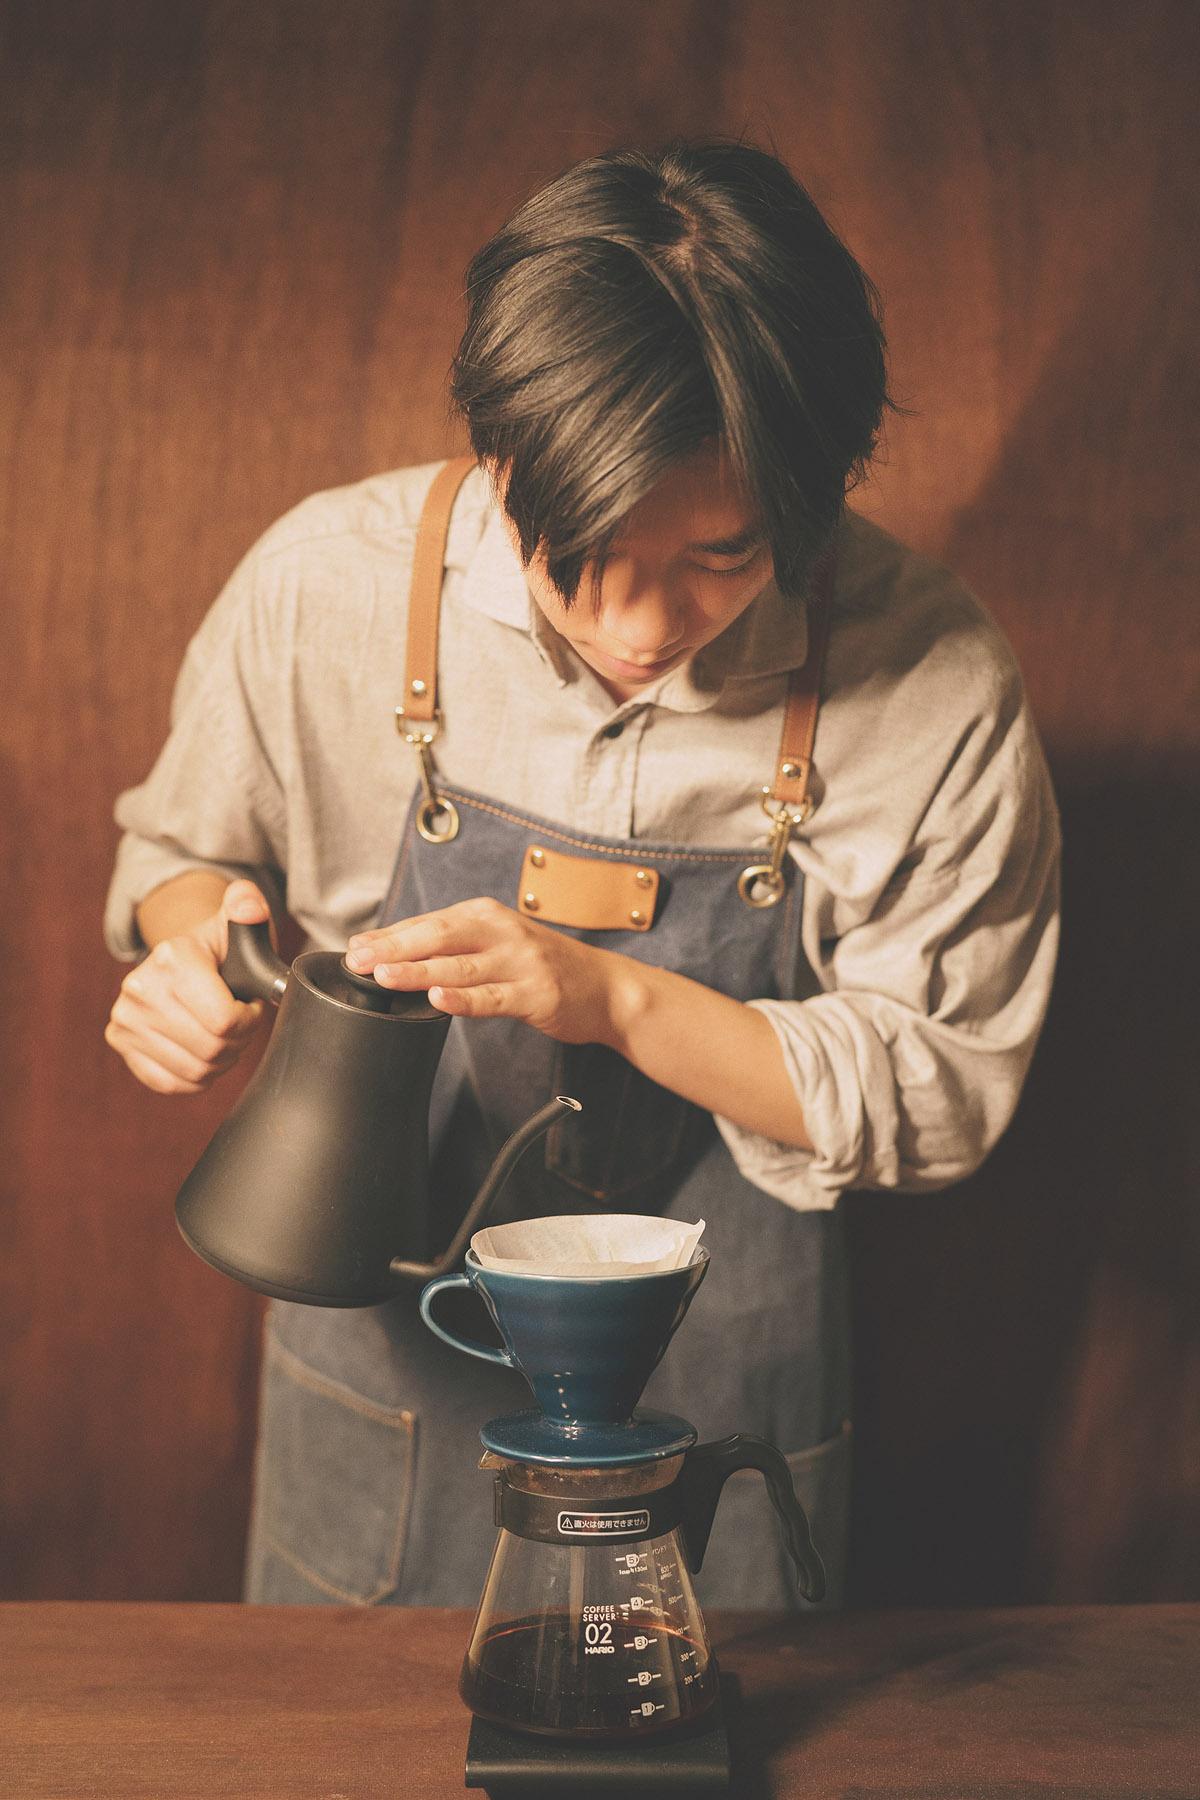 形象照 台北,咖啡師形象照,形象照,形象照攝影,專業形象照,台北形象照推薦,職業形象照,個人形象照,台北形象照攝影